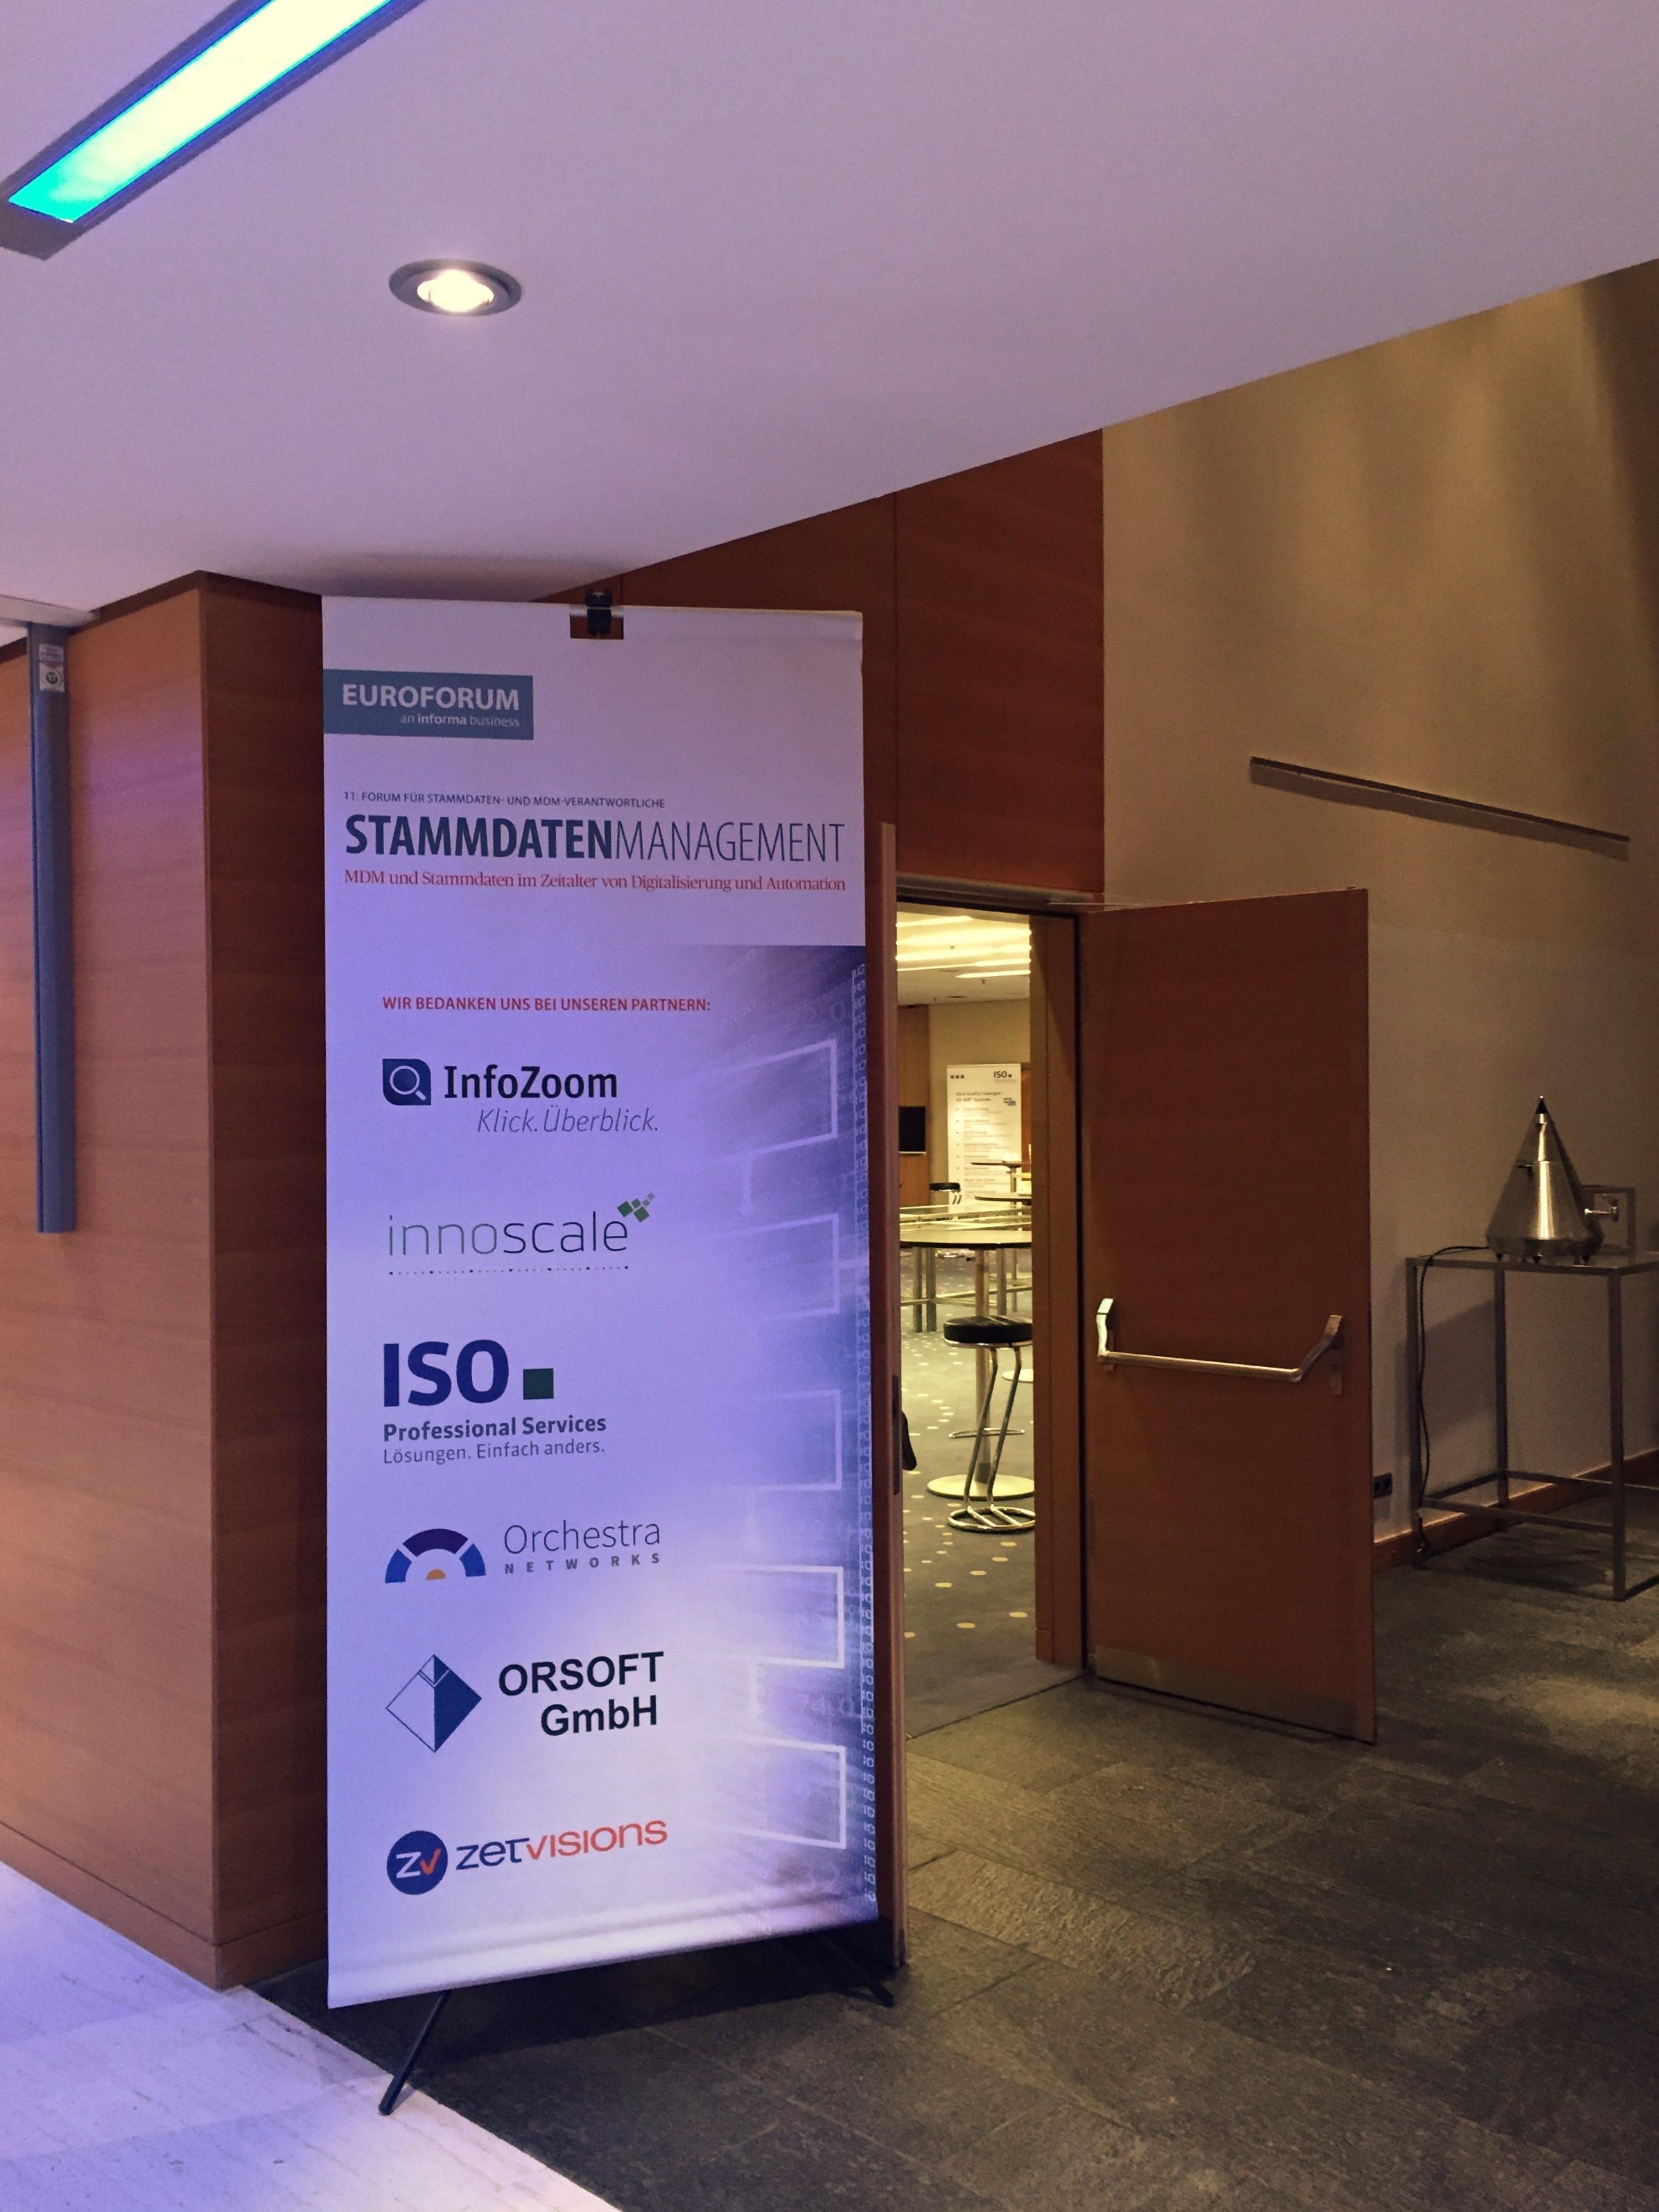 Stammdaten Management Forum 2016 vom Euroforum